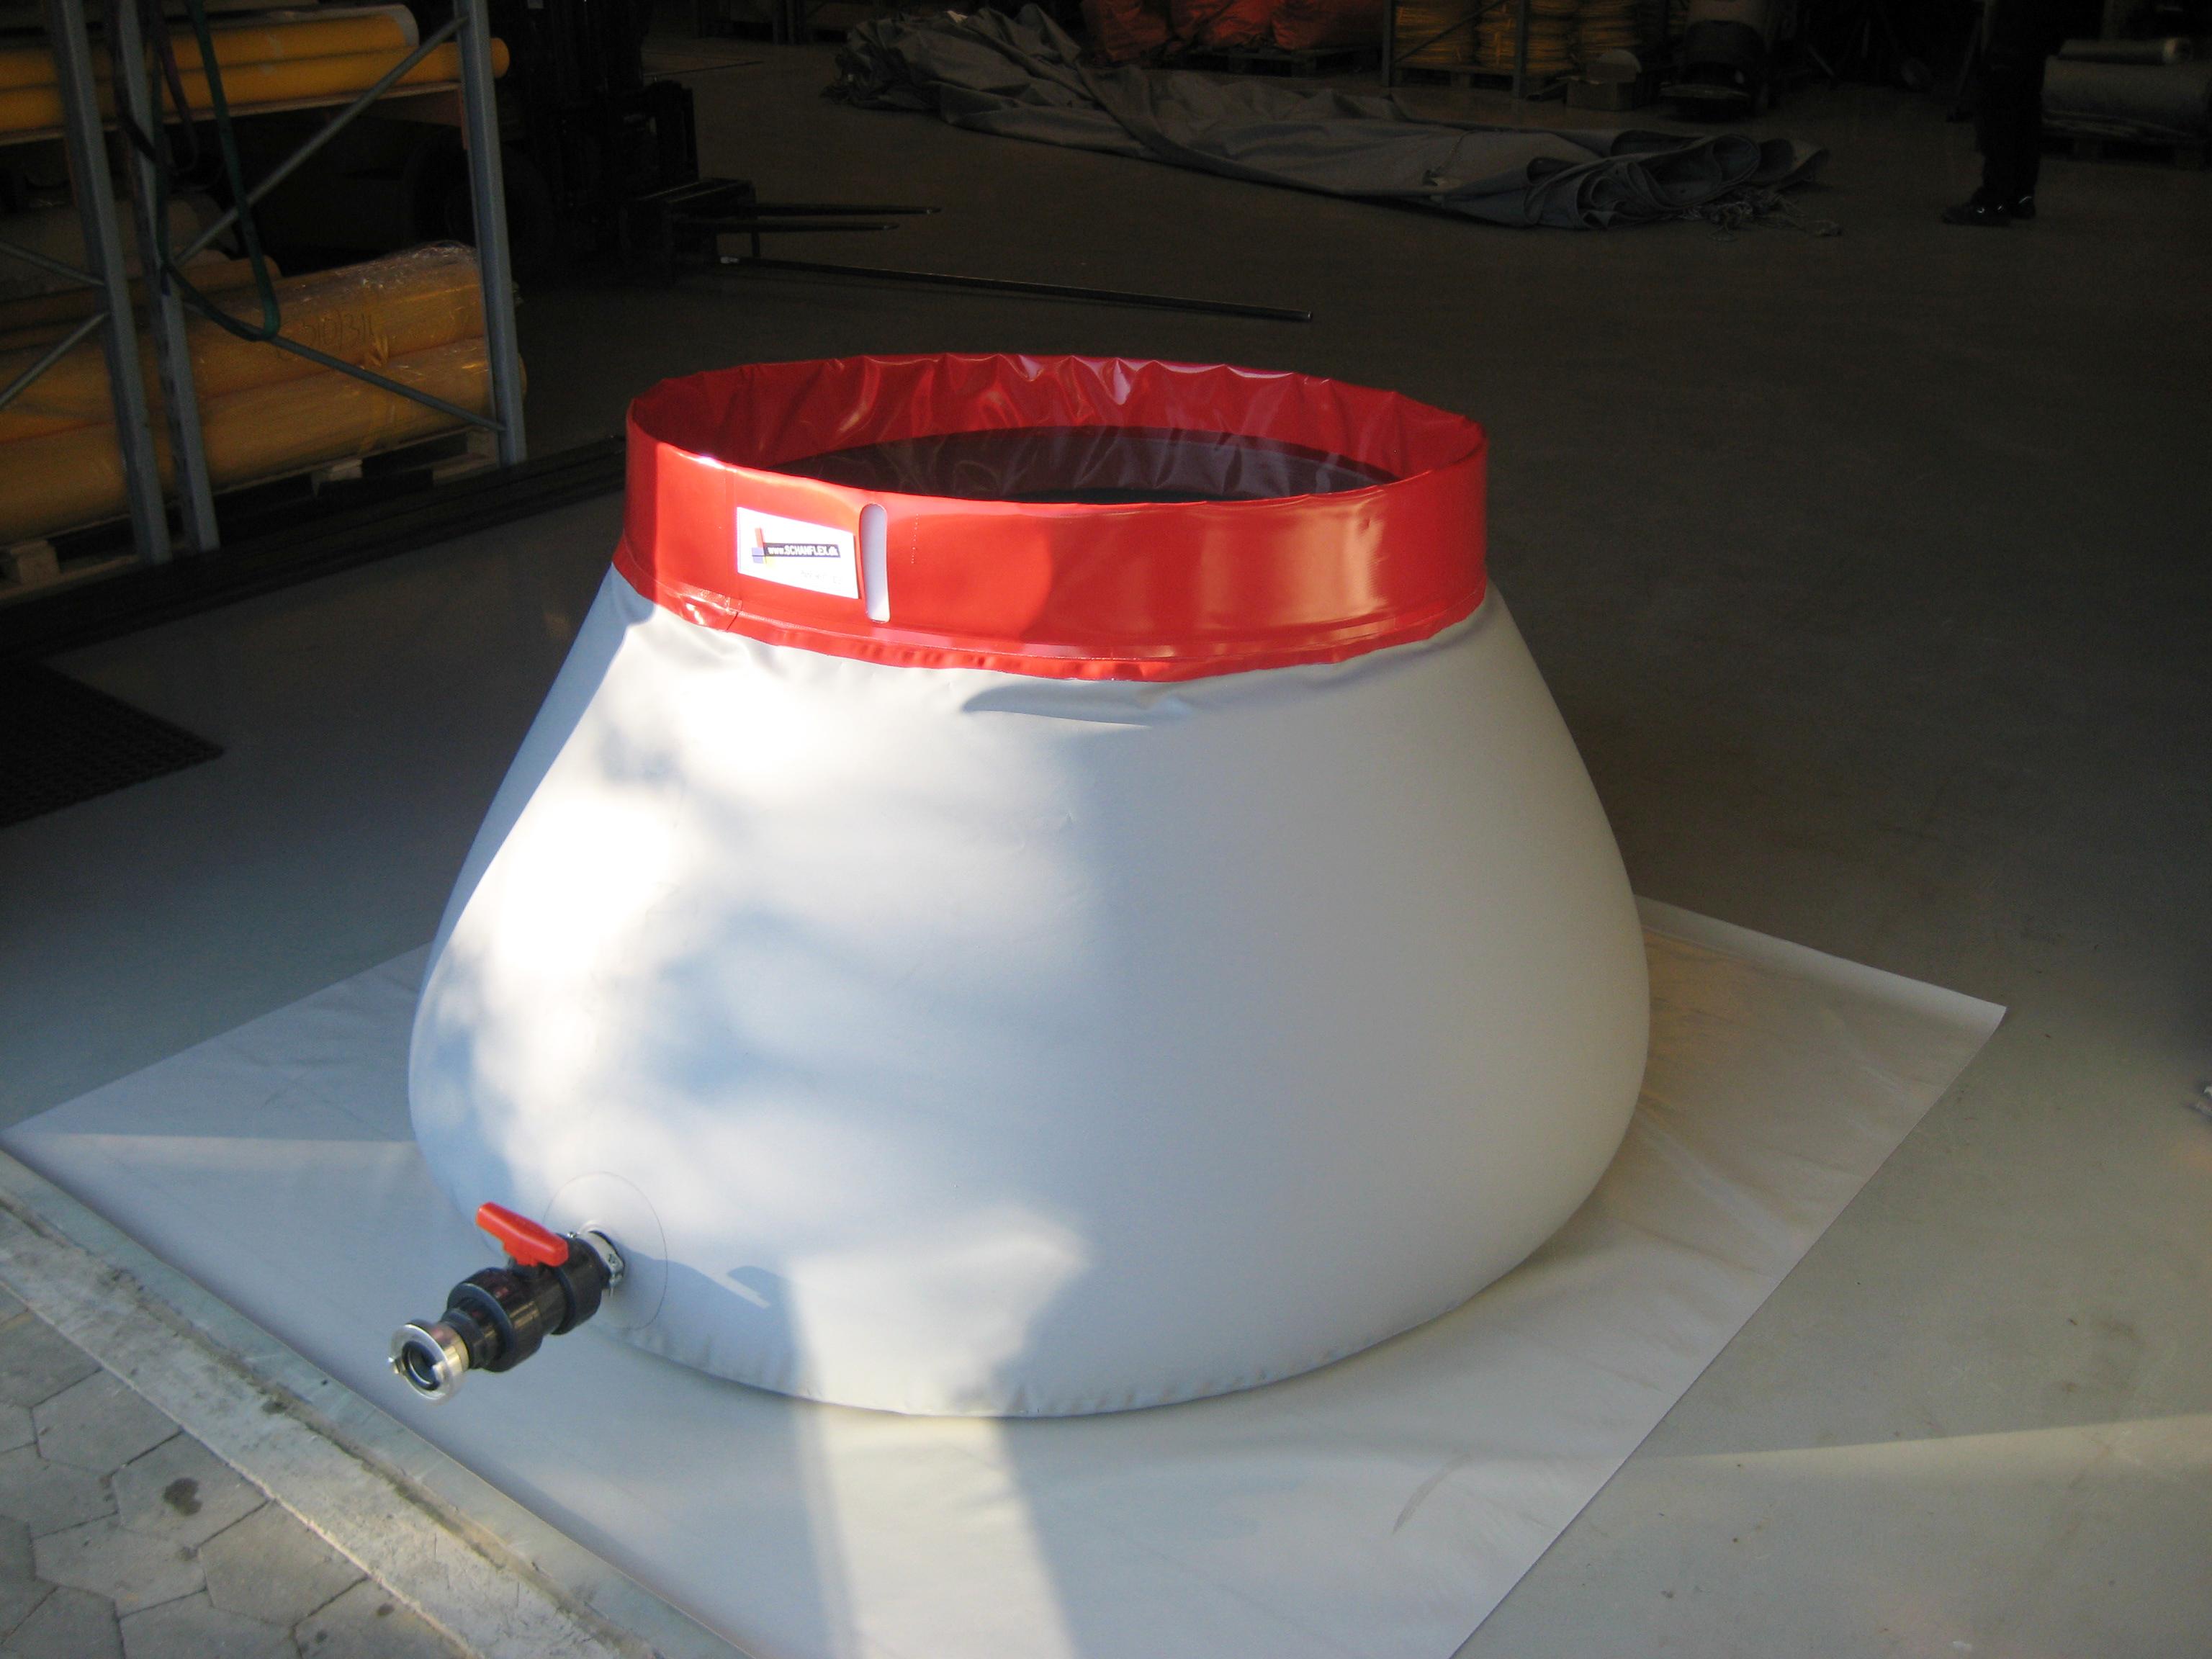 Opsamlingskar med monteret vandudtag